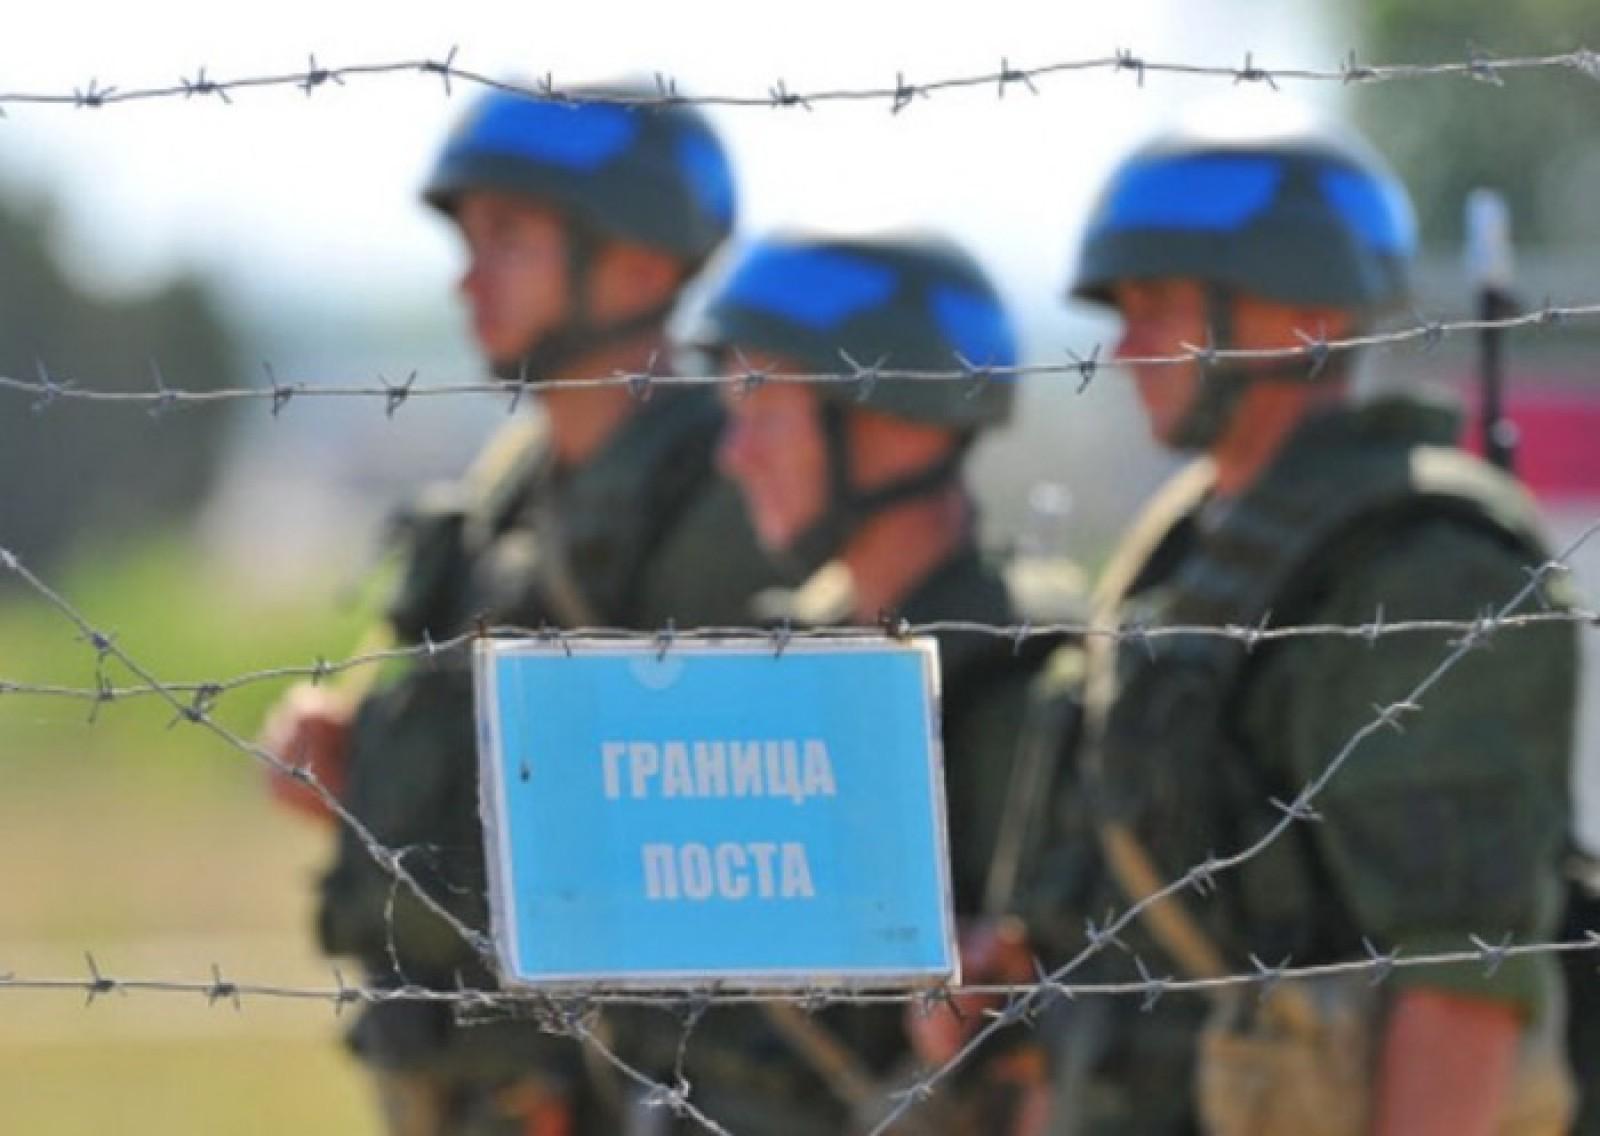 (doc) Republica Moldova și Federația Rusă, condamnate la CtEDO pentru violarea drepturilor omului în regiunea transnistreană. Trebuie să achite 2,37 milioane de euro